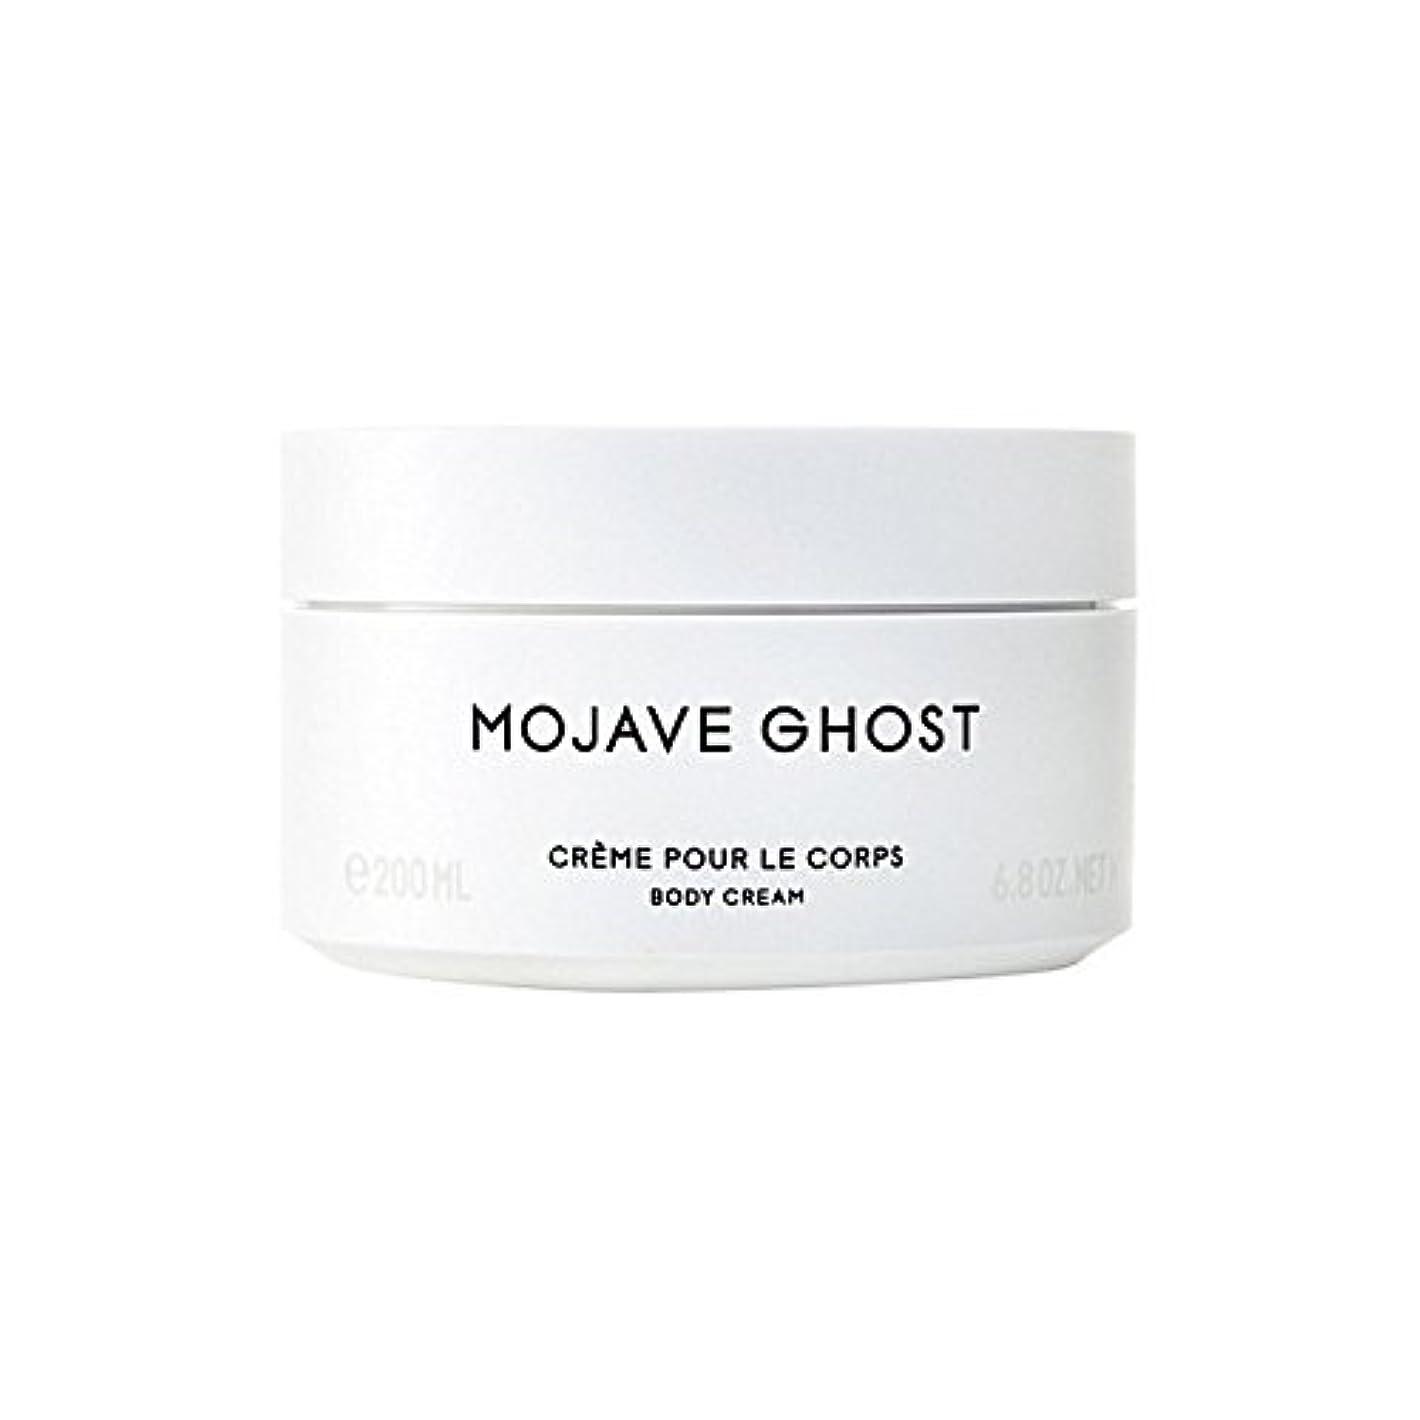 確かめるレンダリングむき出しByredo Mojave Ghost Body Cream 200ml (Pack of 6) - モハーベゴーストボディクリーム200ミリリットル x6 [並行輸入品]